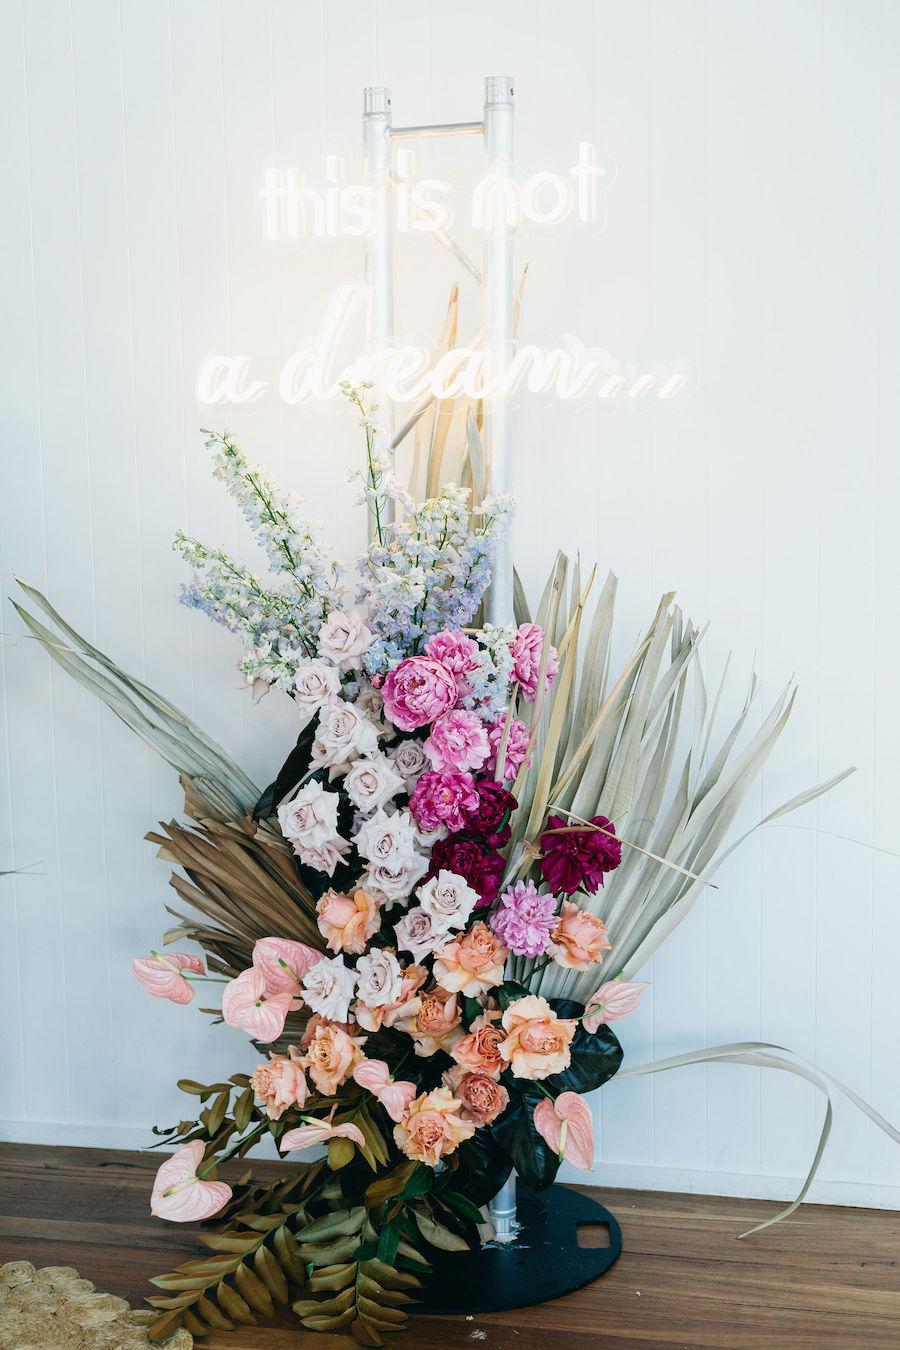 tweed-coast-weddings-wedding-venue-ancora-tweed-heads-waterfront-KellieTyrone-521.jpg